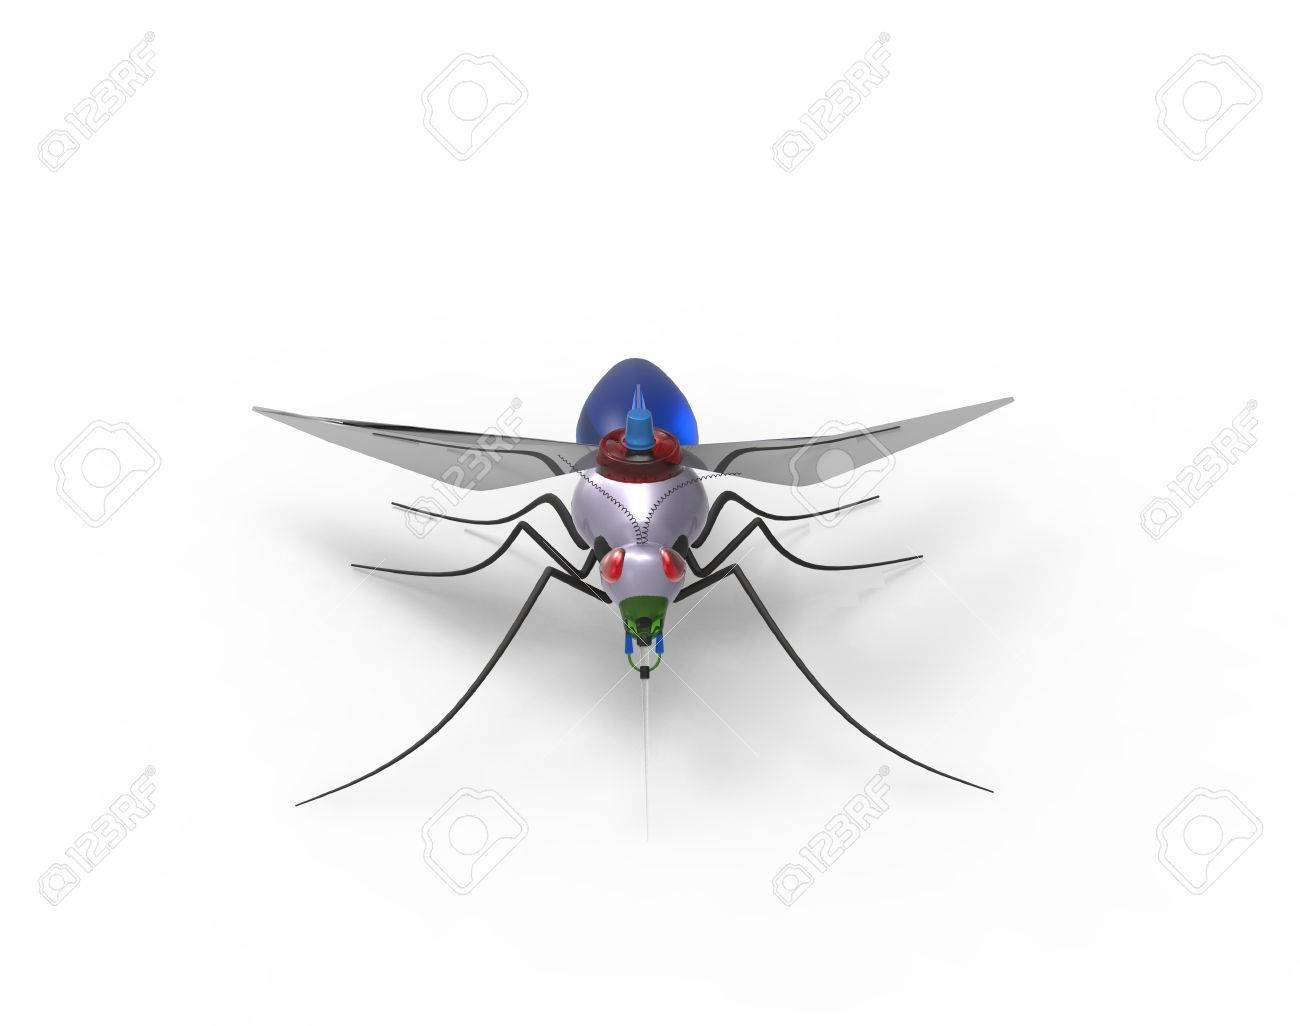 Futuristic Mosquito Nano Robots - 38517522